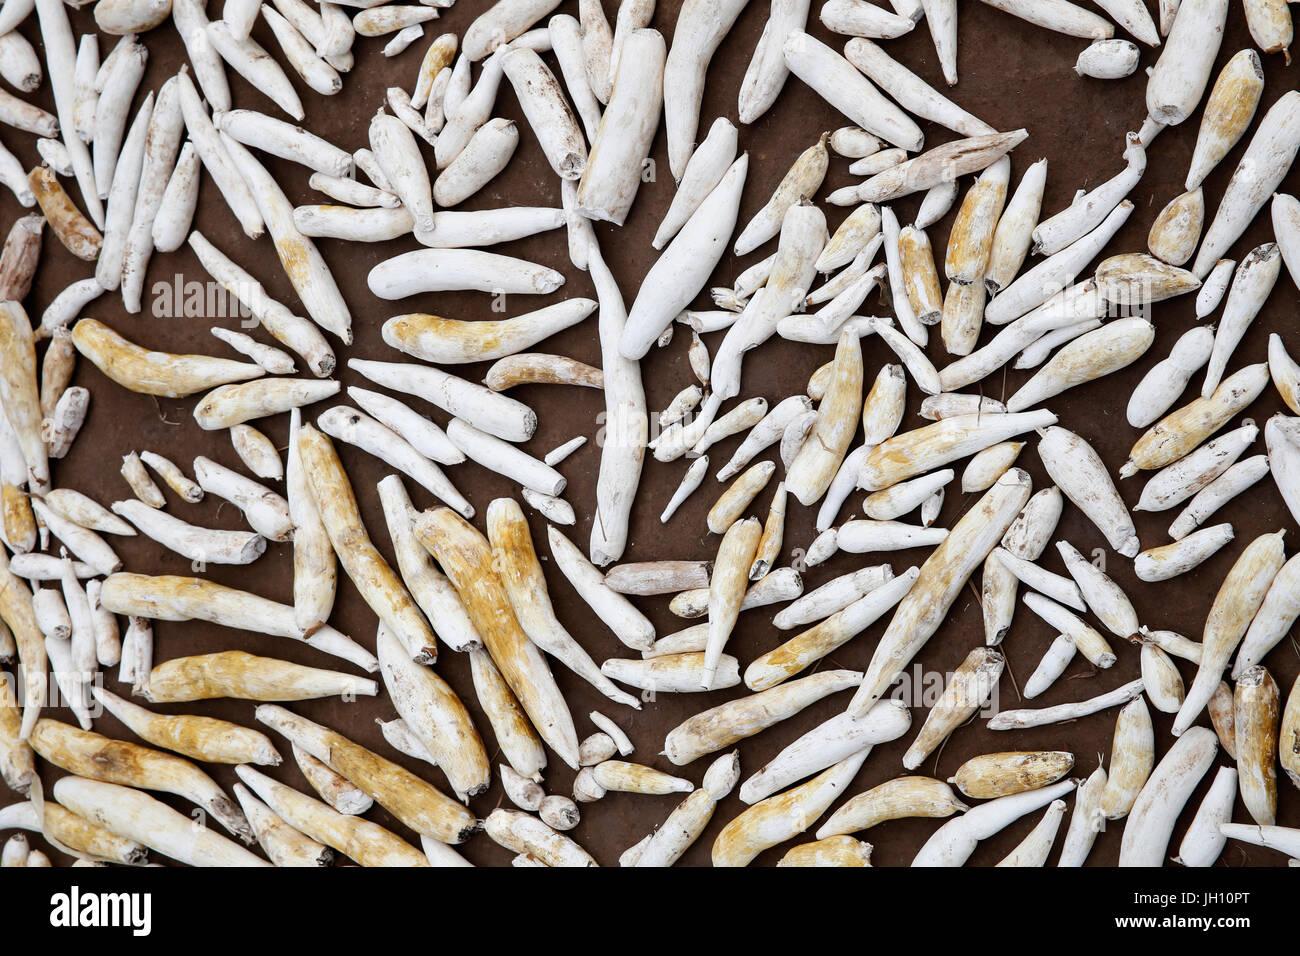 Cassava. Uganda. - Stock Image